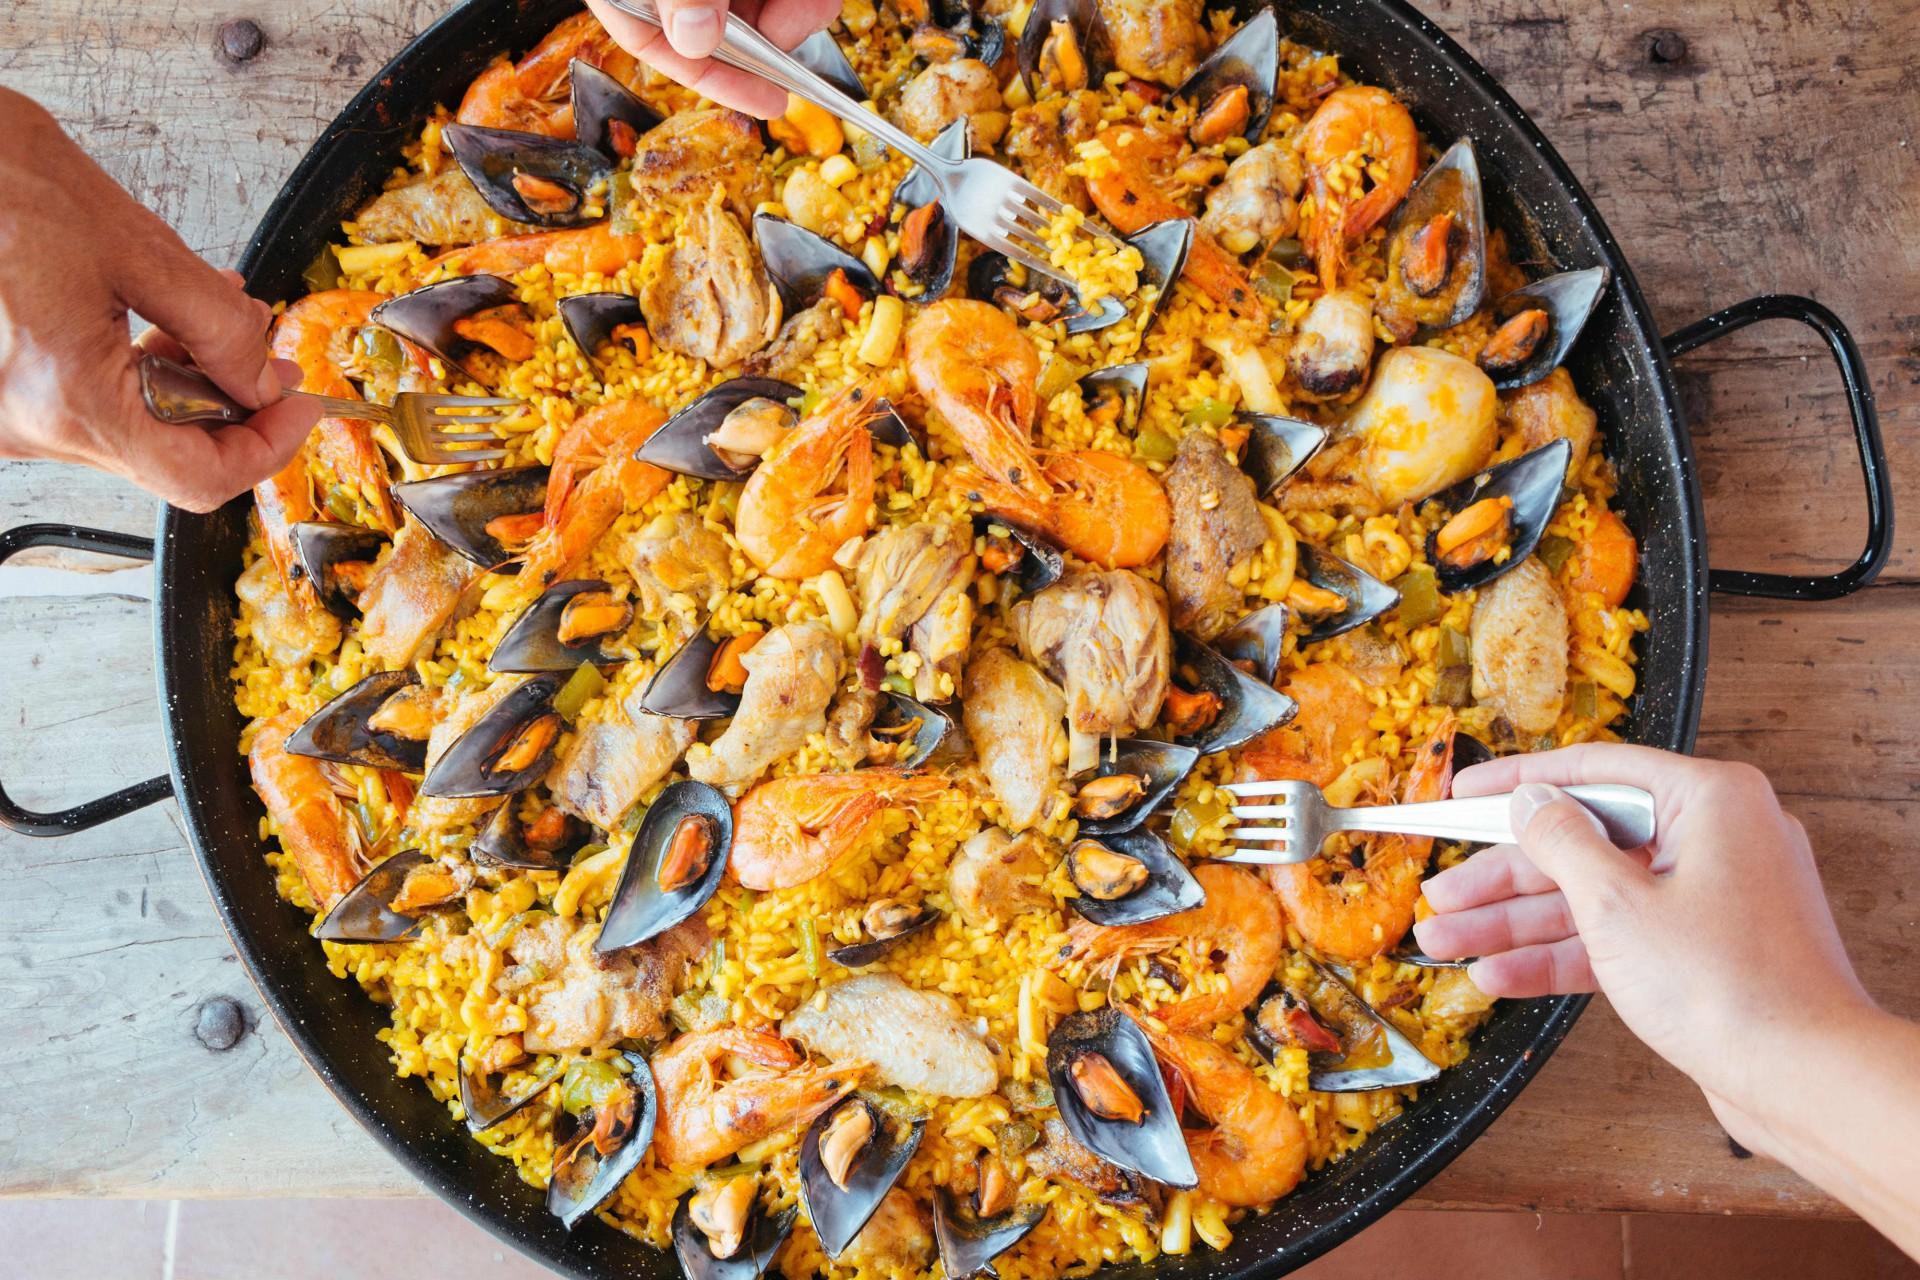 Paella powinna być spożywana bezpośrednio z naczynia, w którym ją przygotowano. Często przyrządzana jest na wolnym powietrzu.